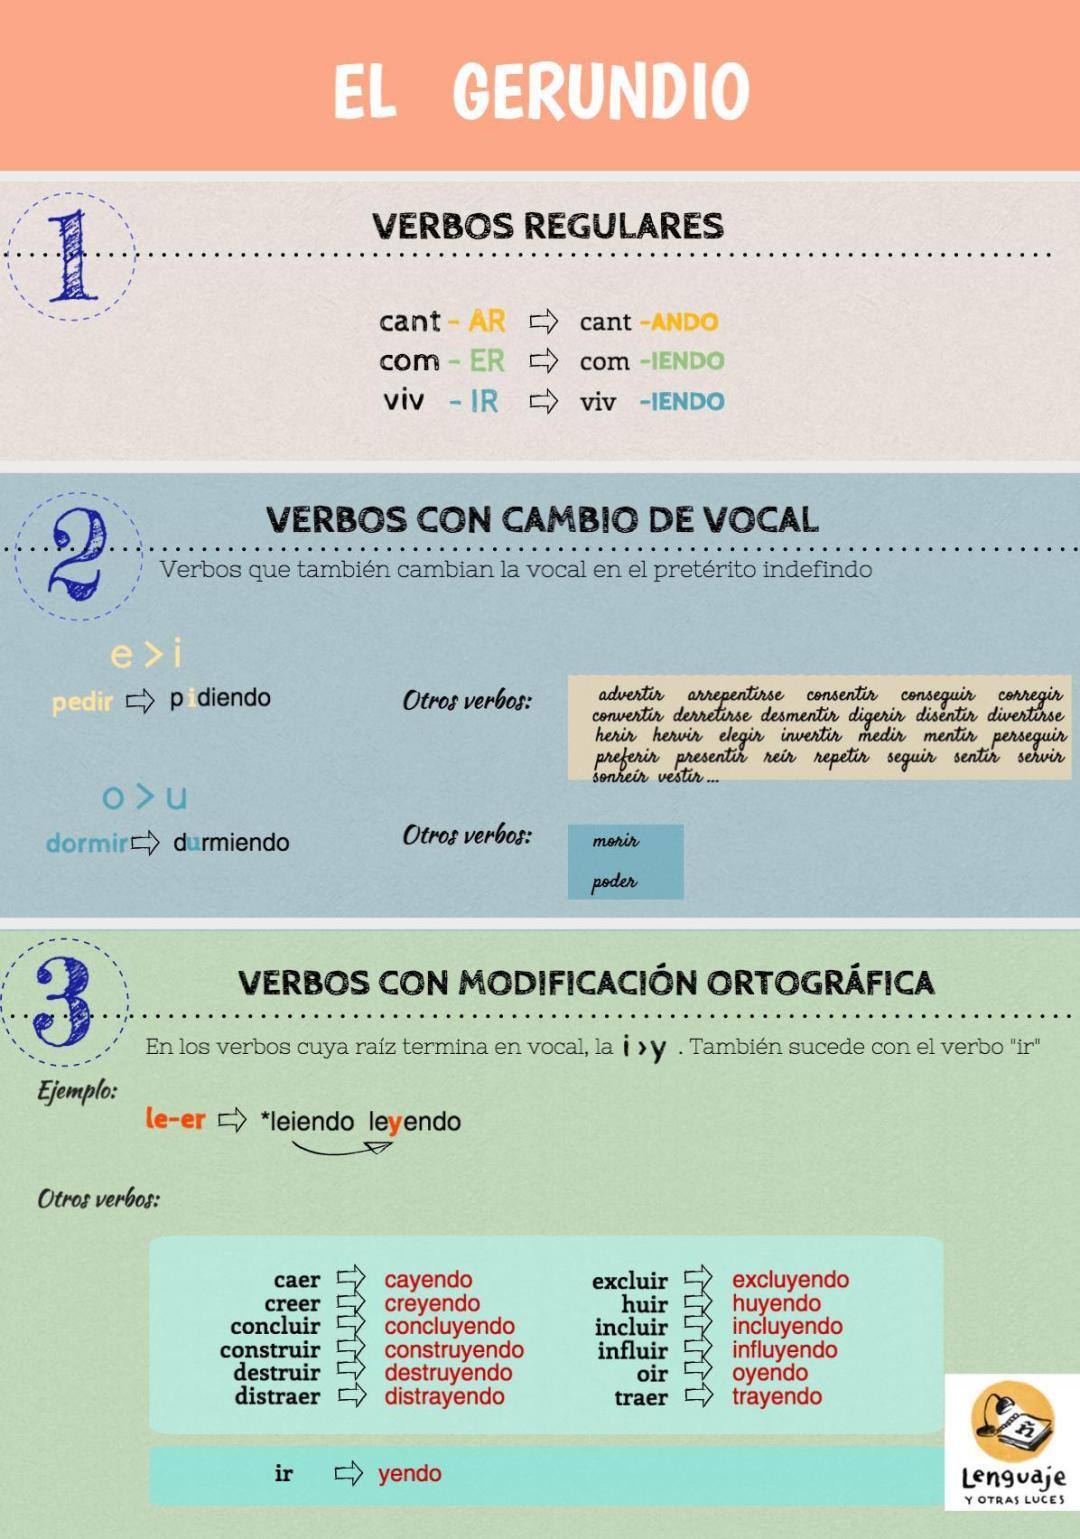 el-gerundio en español. Verbos irregulares. Actividades y ejercicios ELE